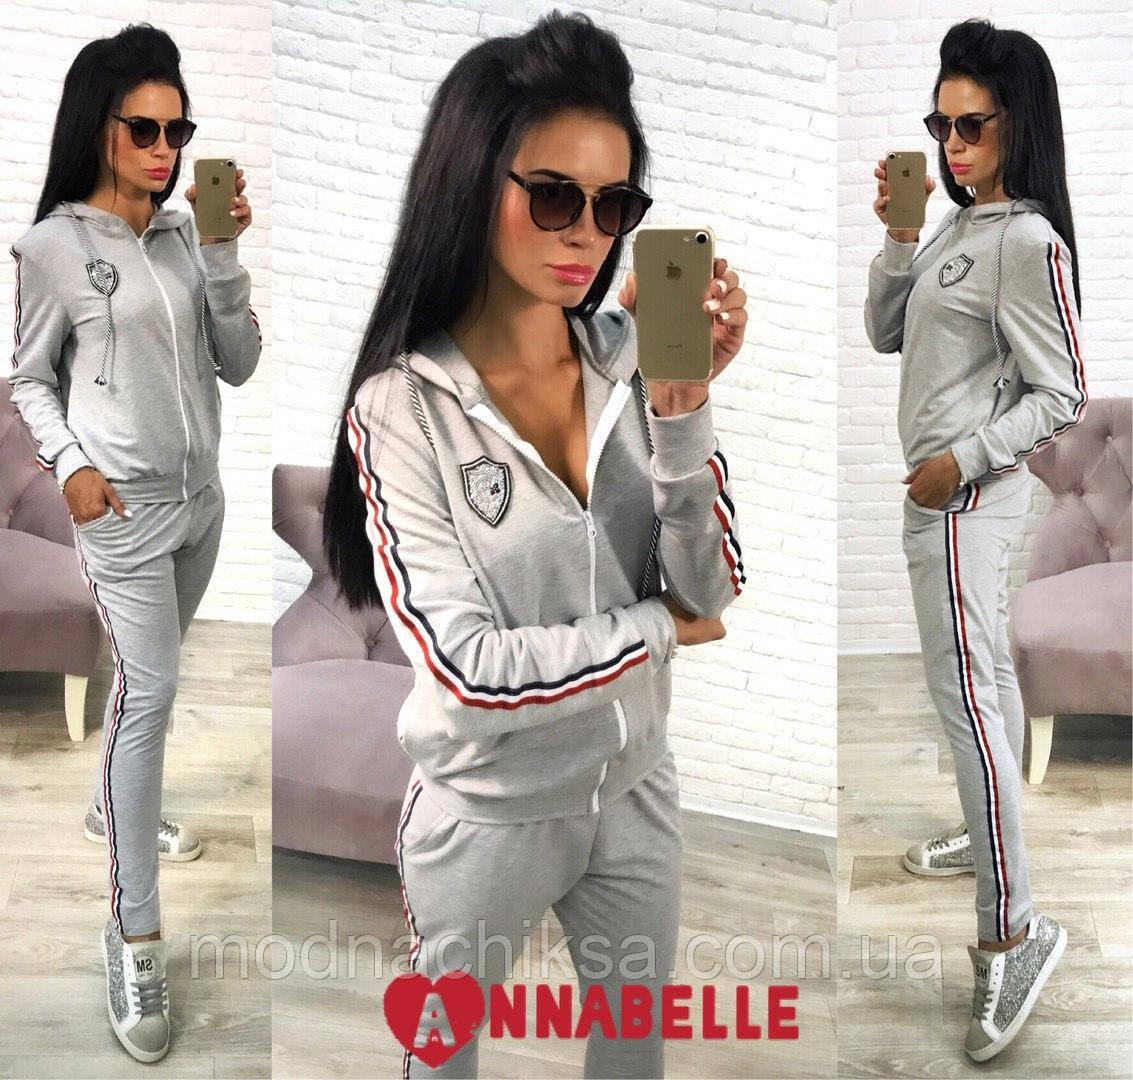 8b1c71b45f6 Спортивный костюм женский двунить кофта с капюшоном шеврон лампасы брюки  без манжета